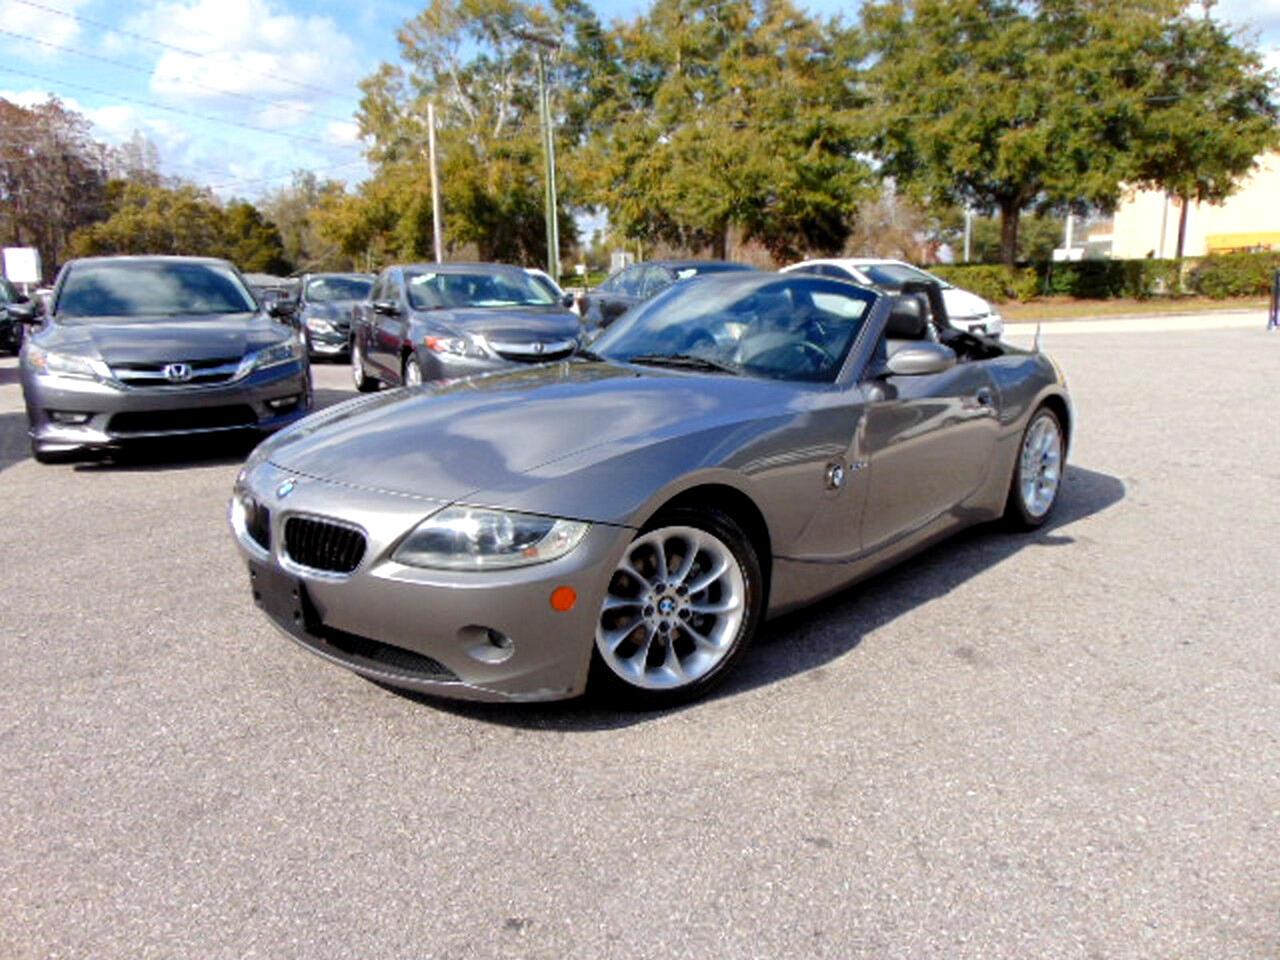 BMW Z4 2.5i 2005